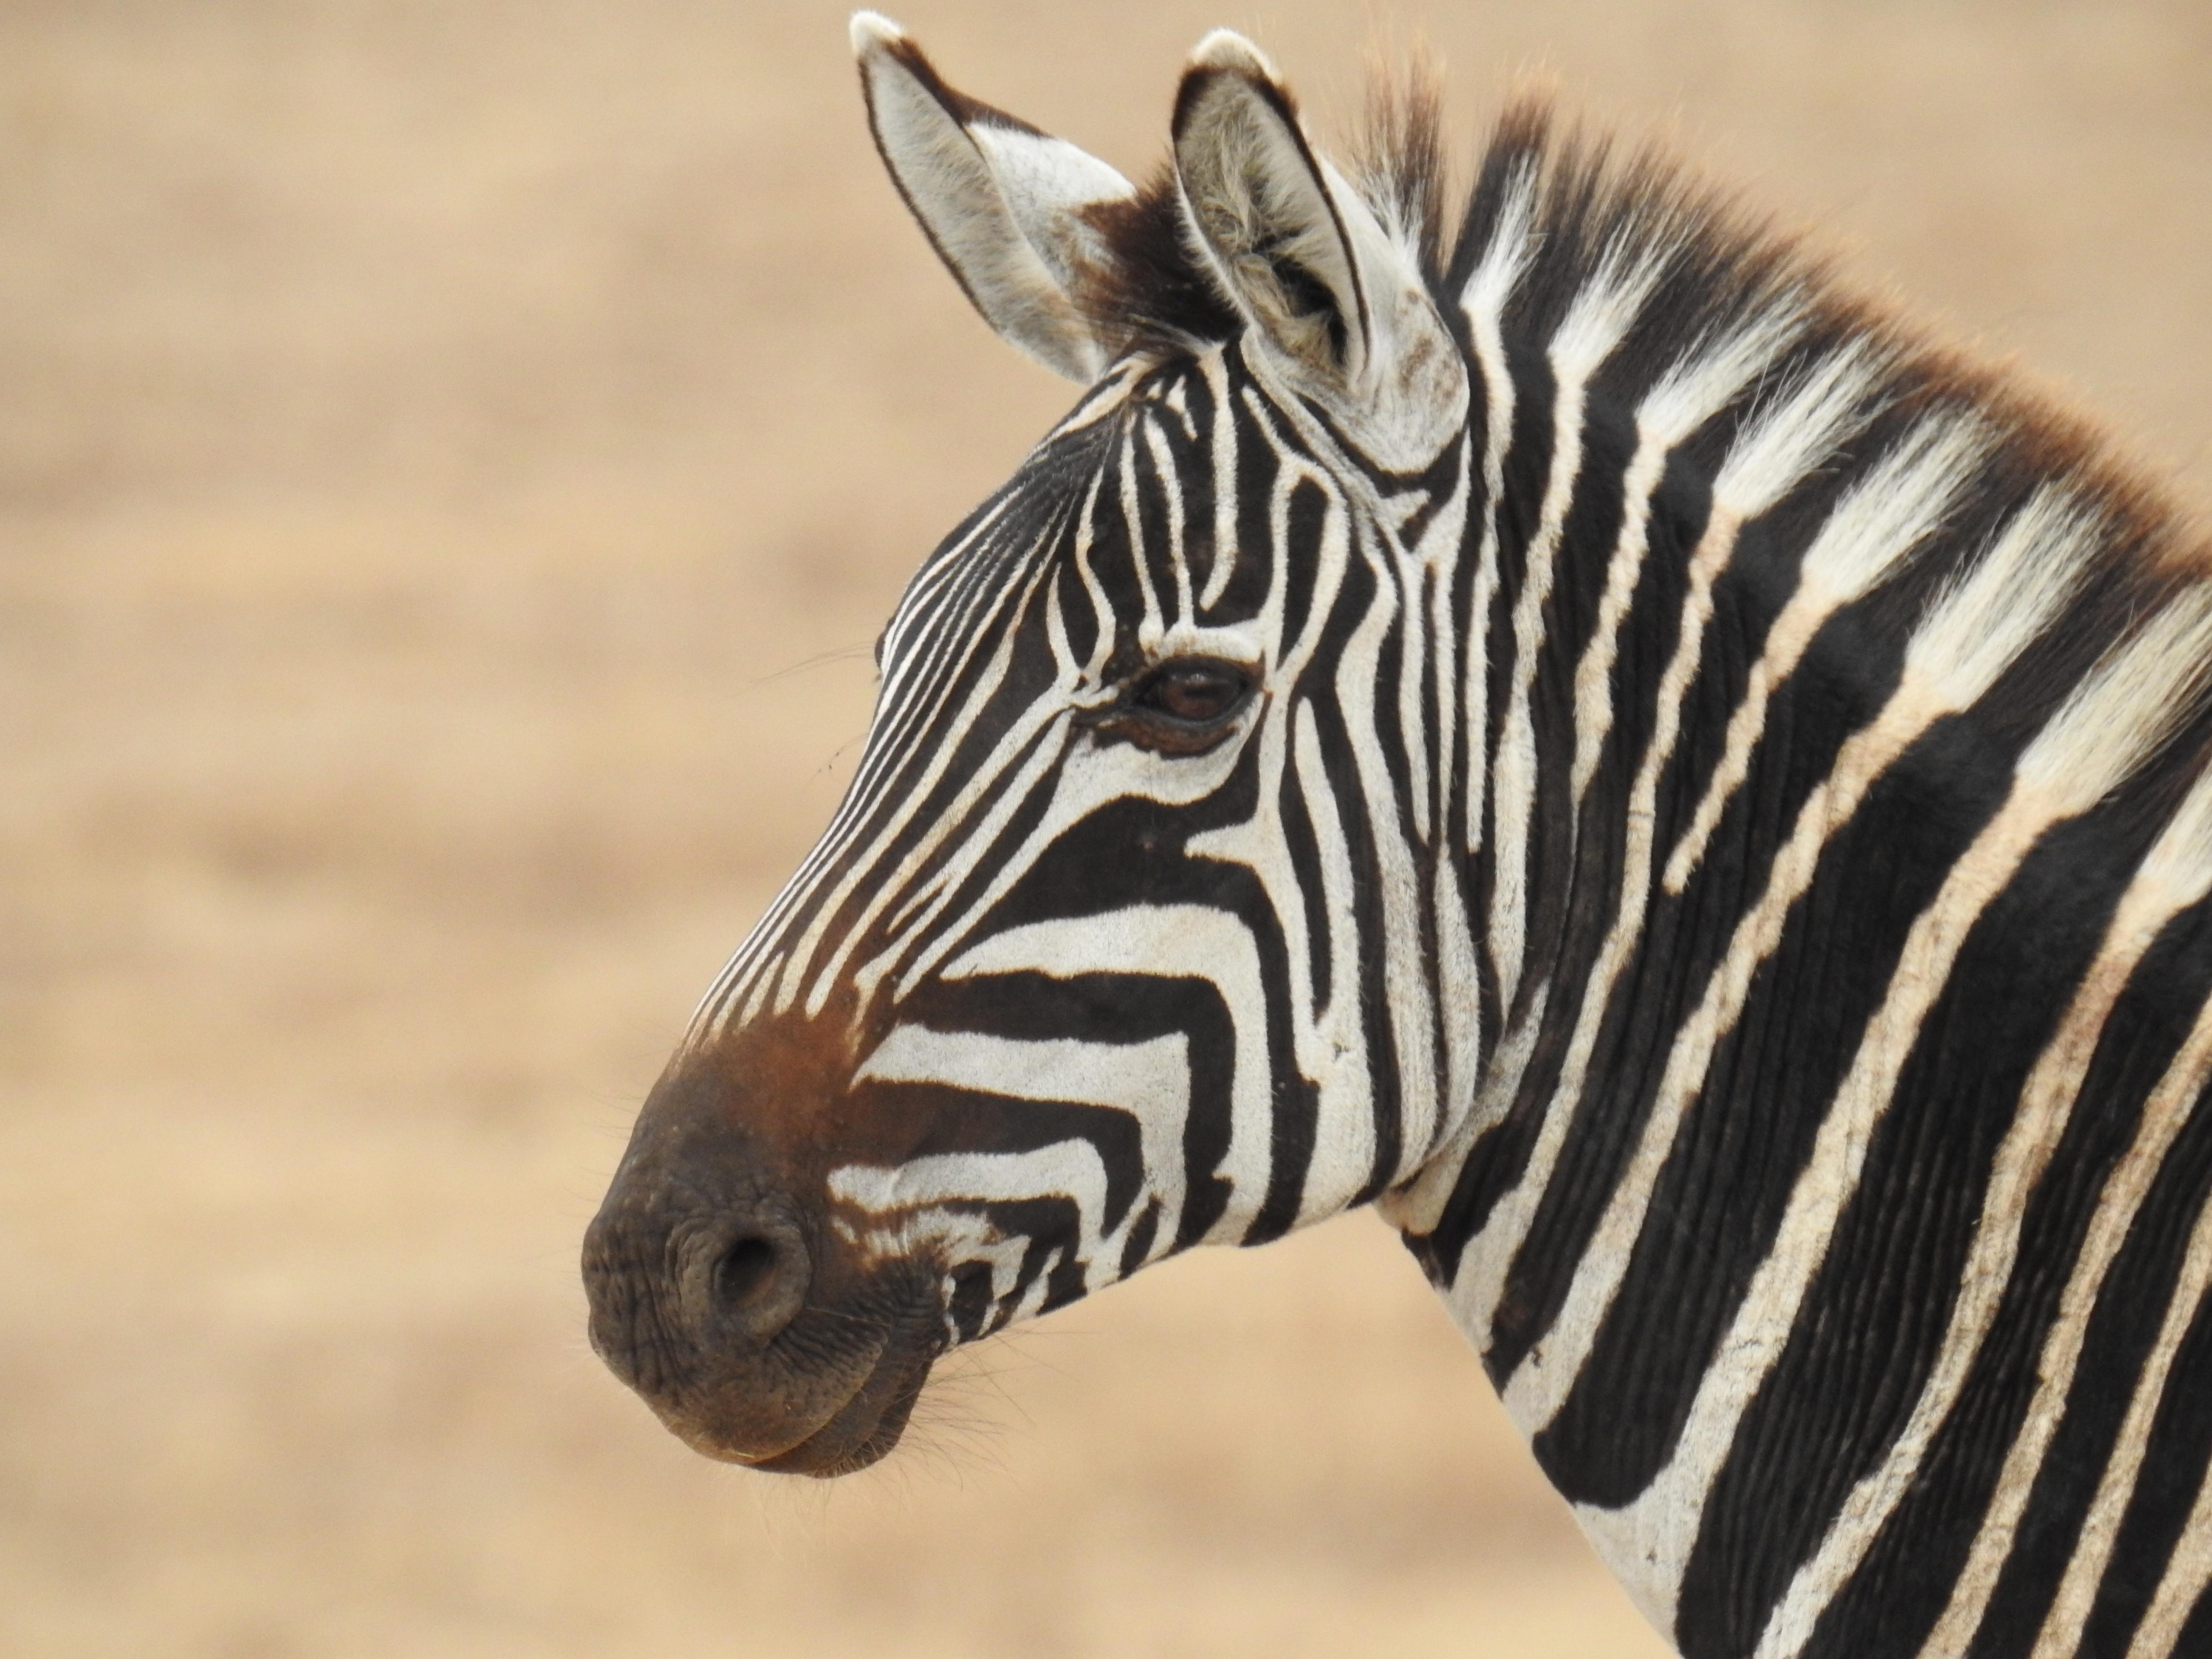 Zebra_profile.jpg